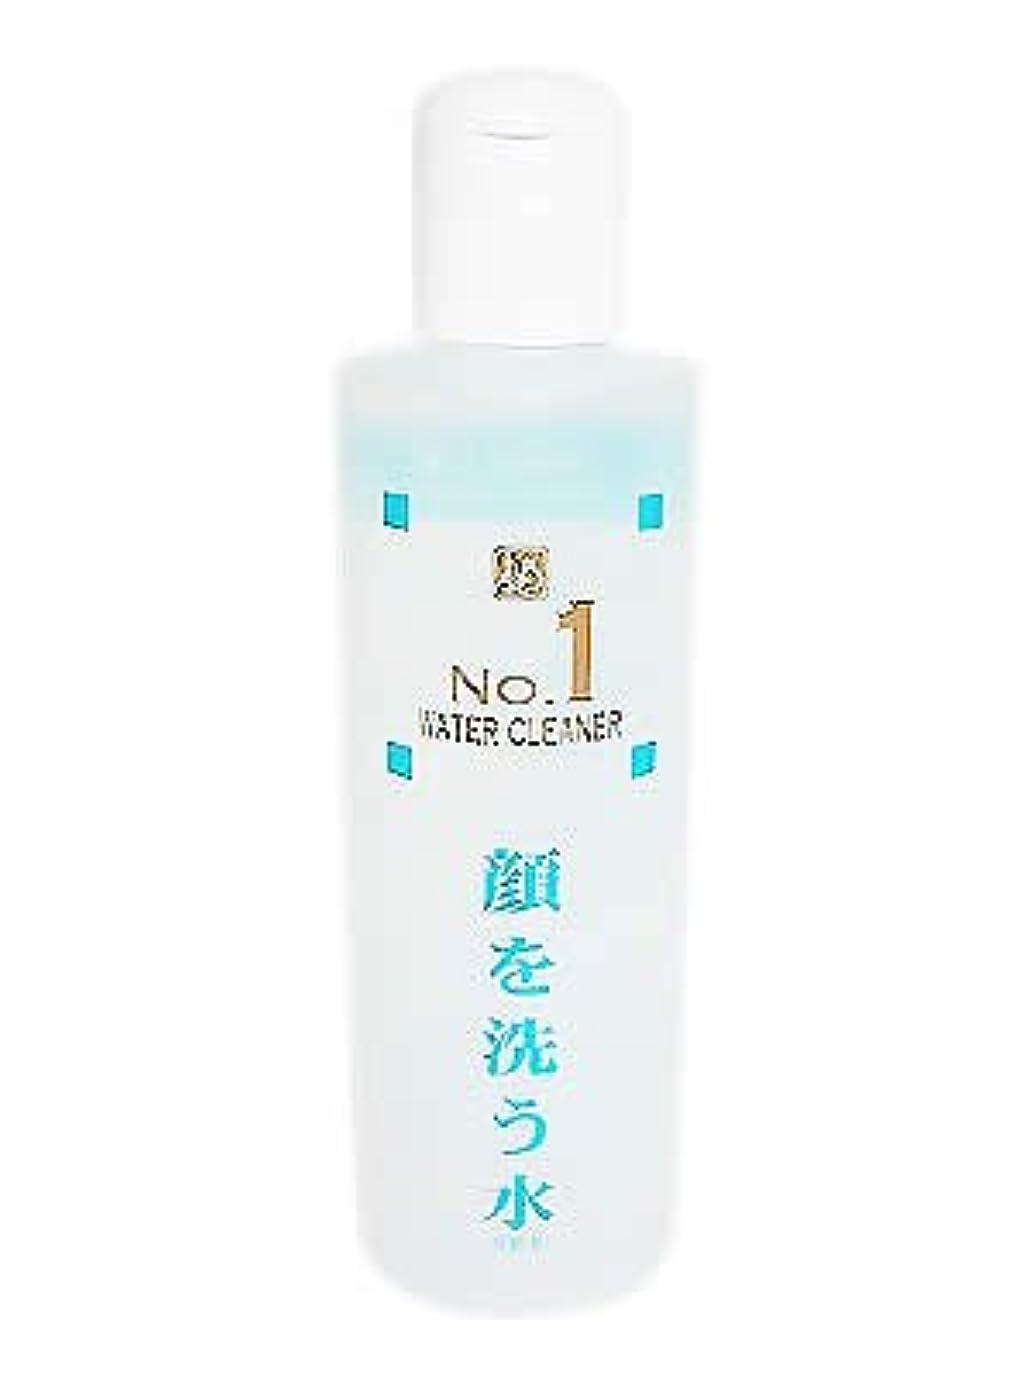 対処奇妙なコーナー顔を洗う水 No.1 ウォータークリーナー 洗顔化粧水 500ml